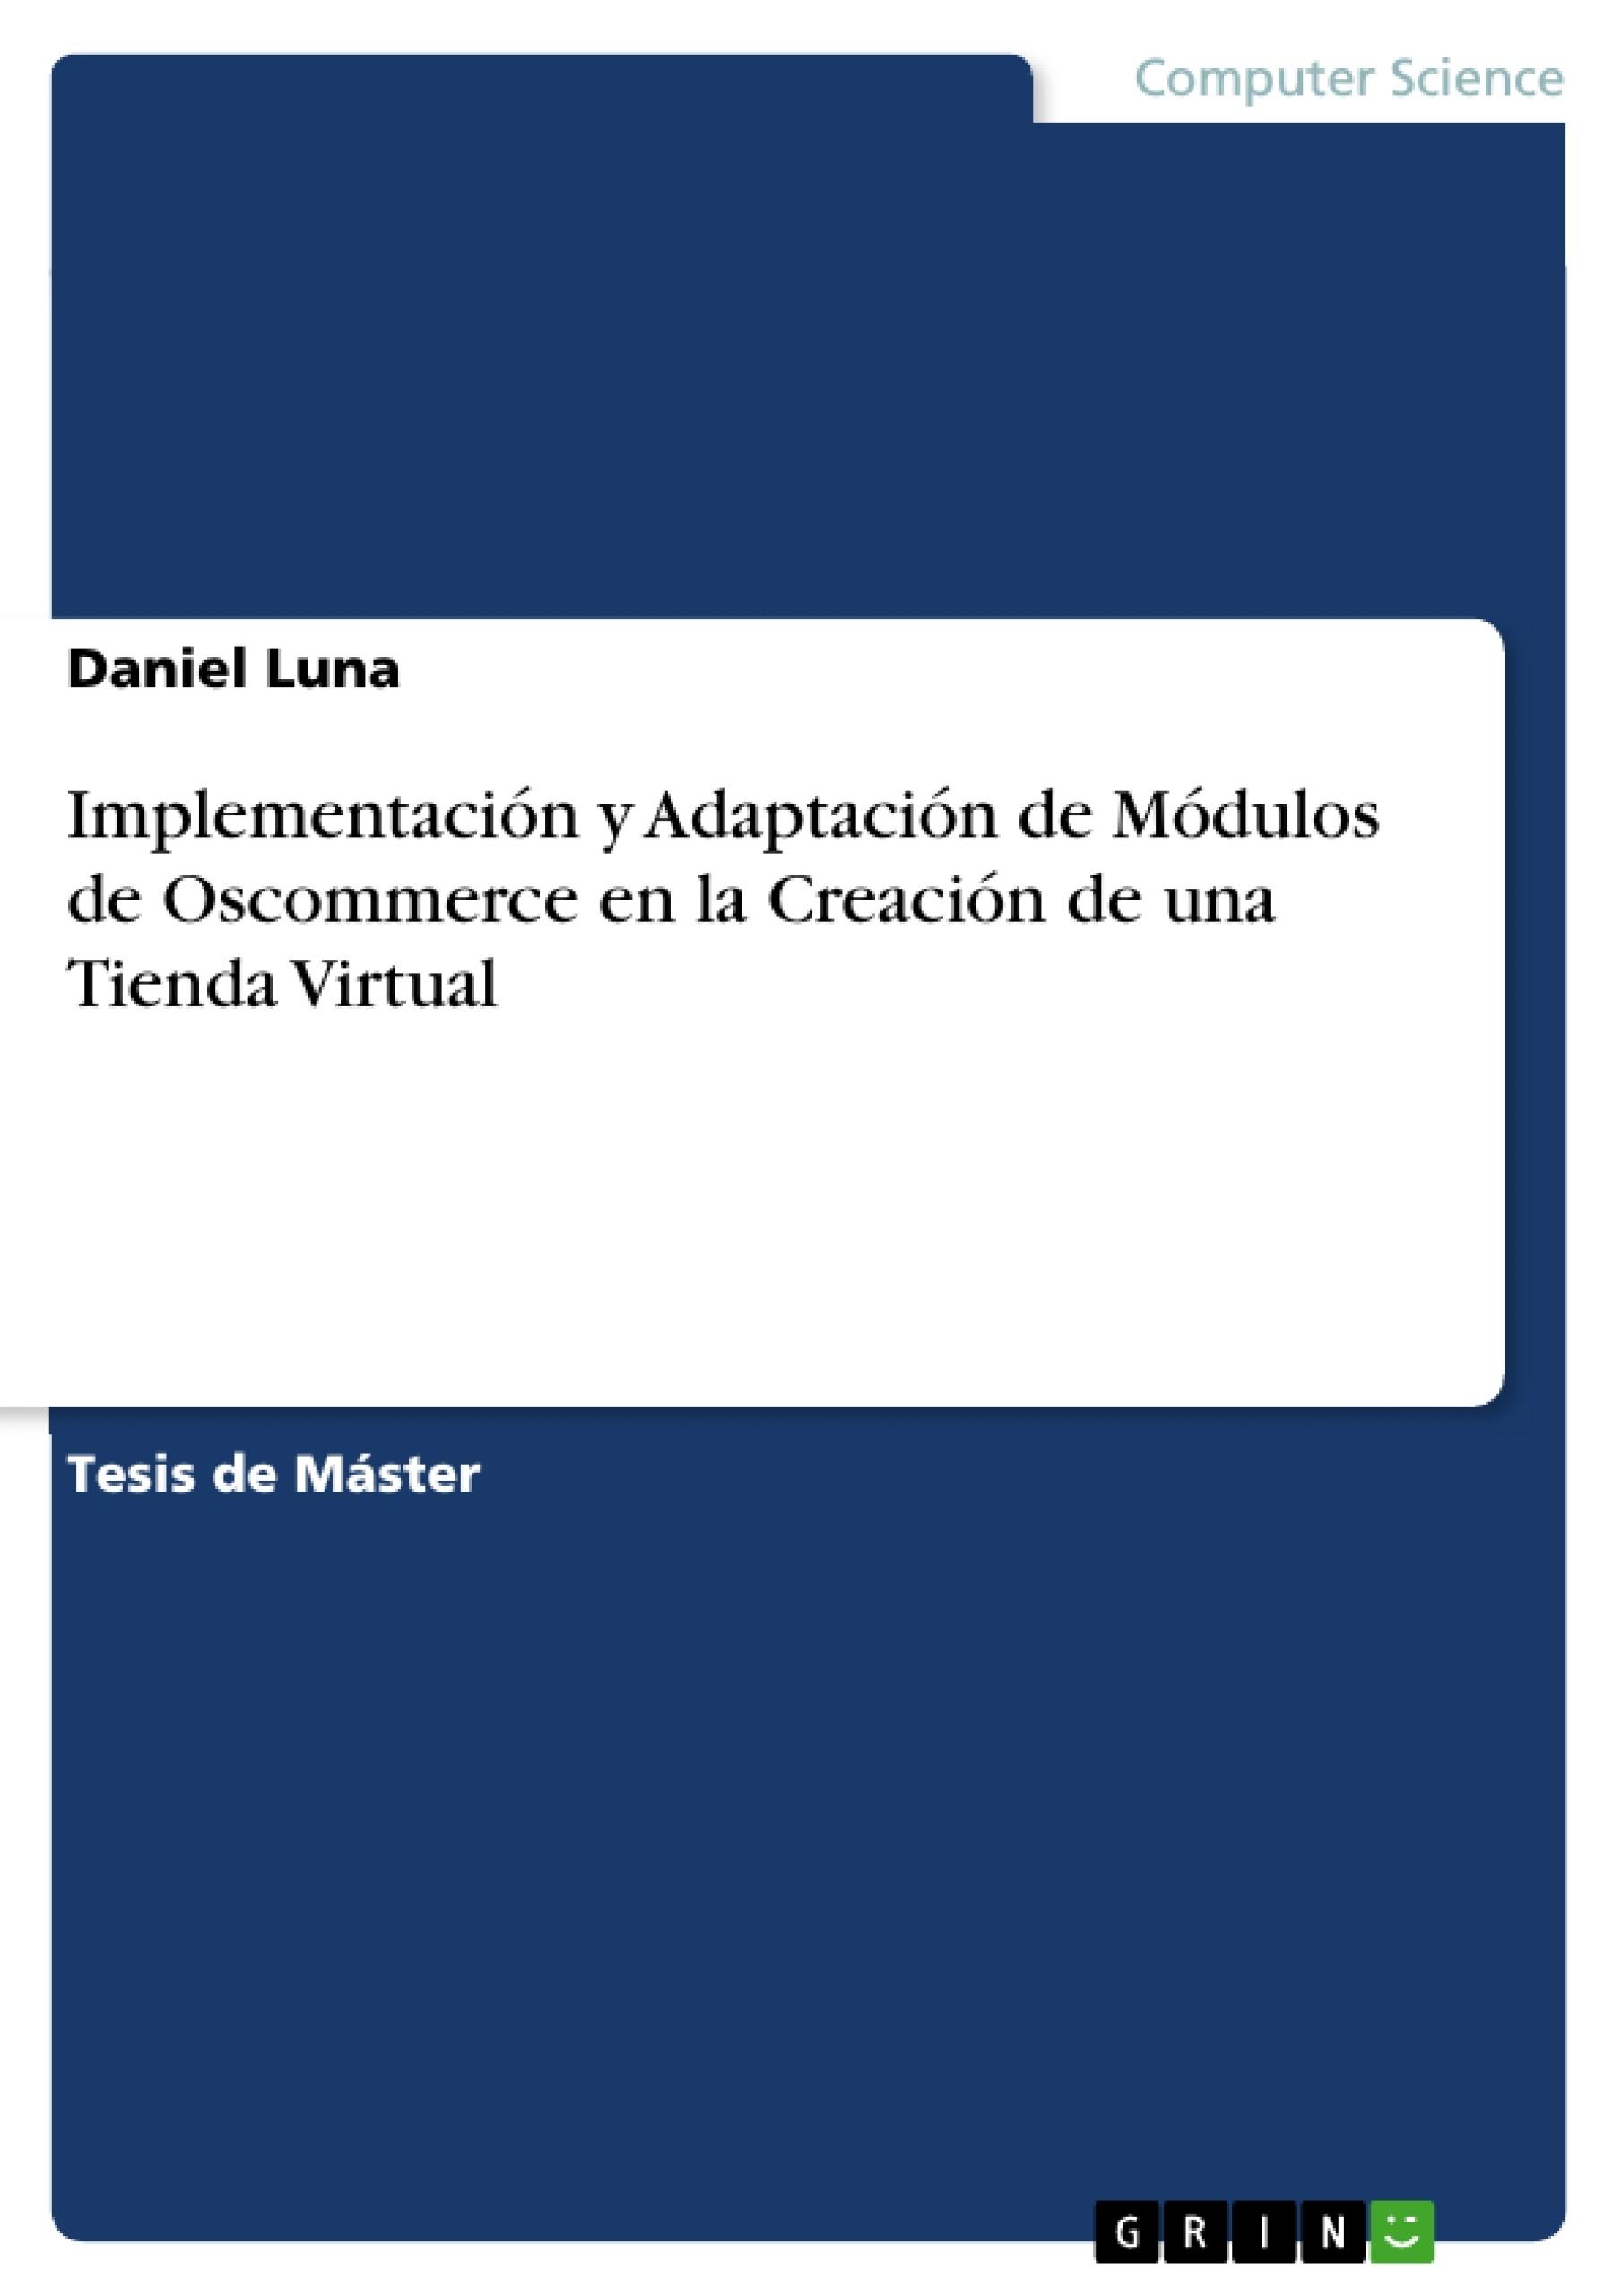 Título: Implementación y Adaptación de Módulos de Oscommerce en la Creación de una Tienda Virtual